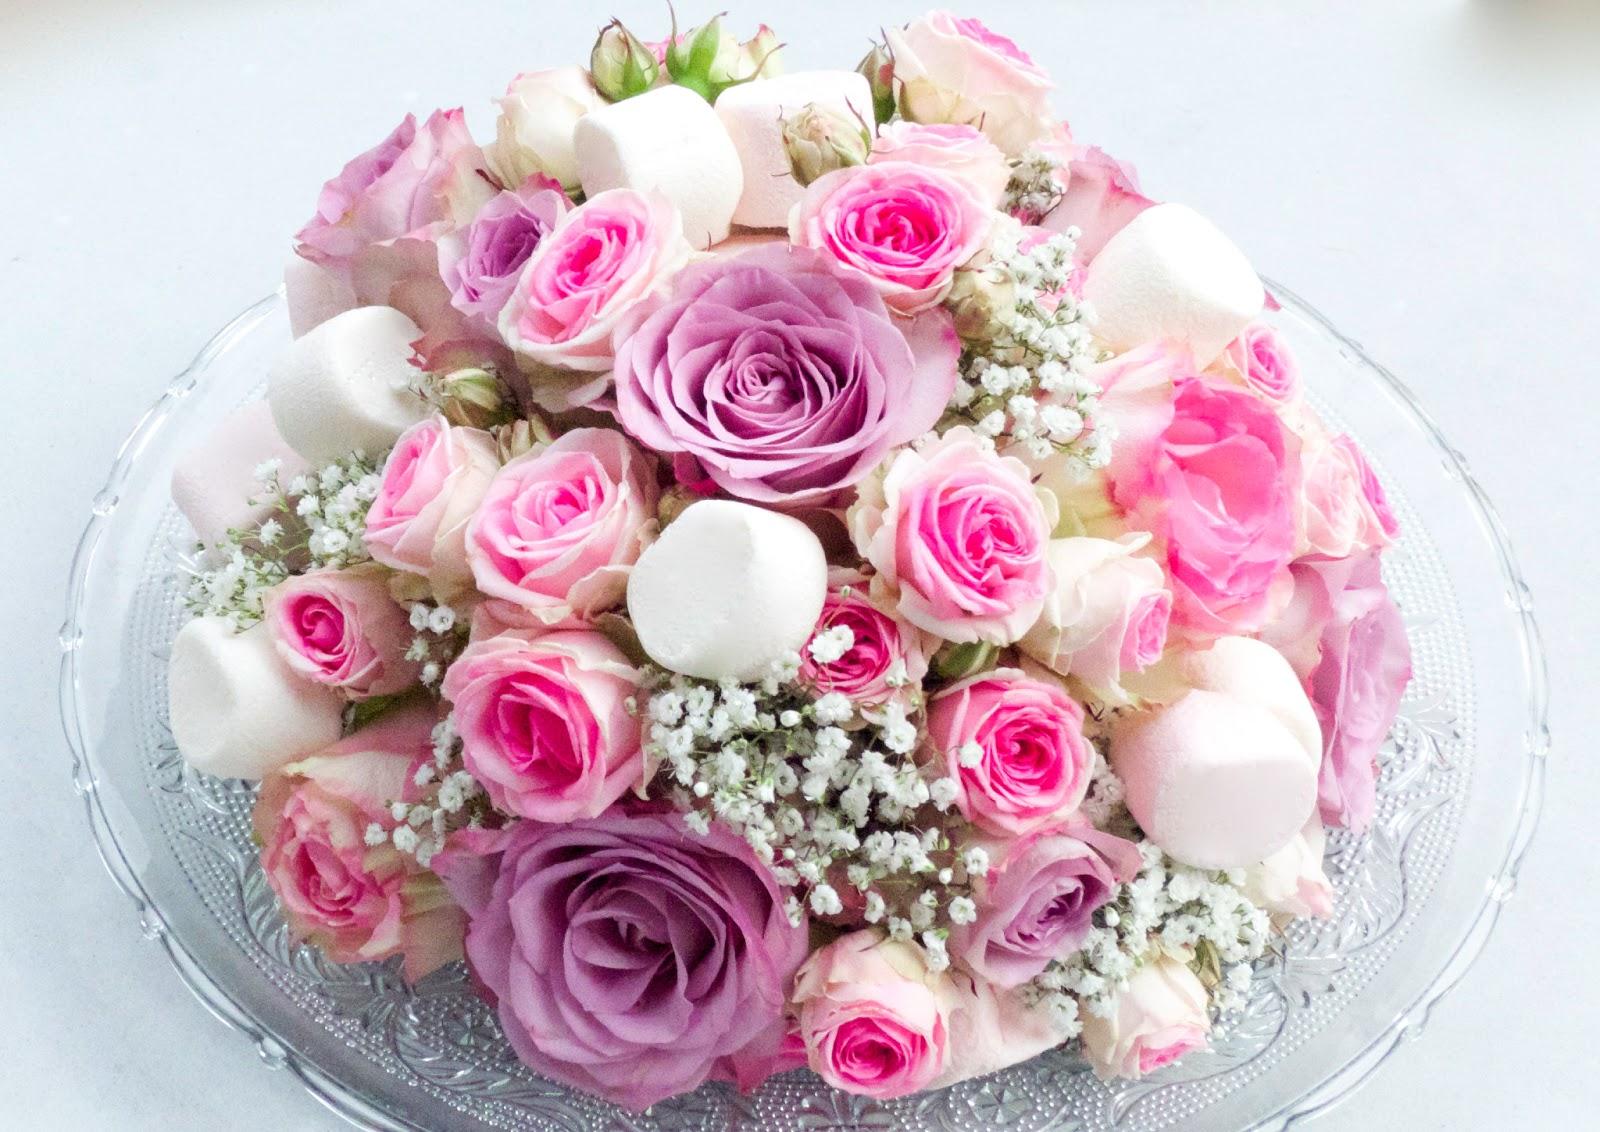 Prototype de centre de table fleur et bonbon - Centre de table fleur mariage ...